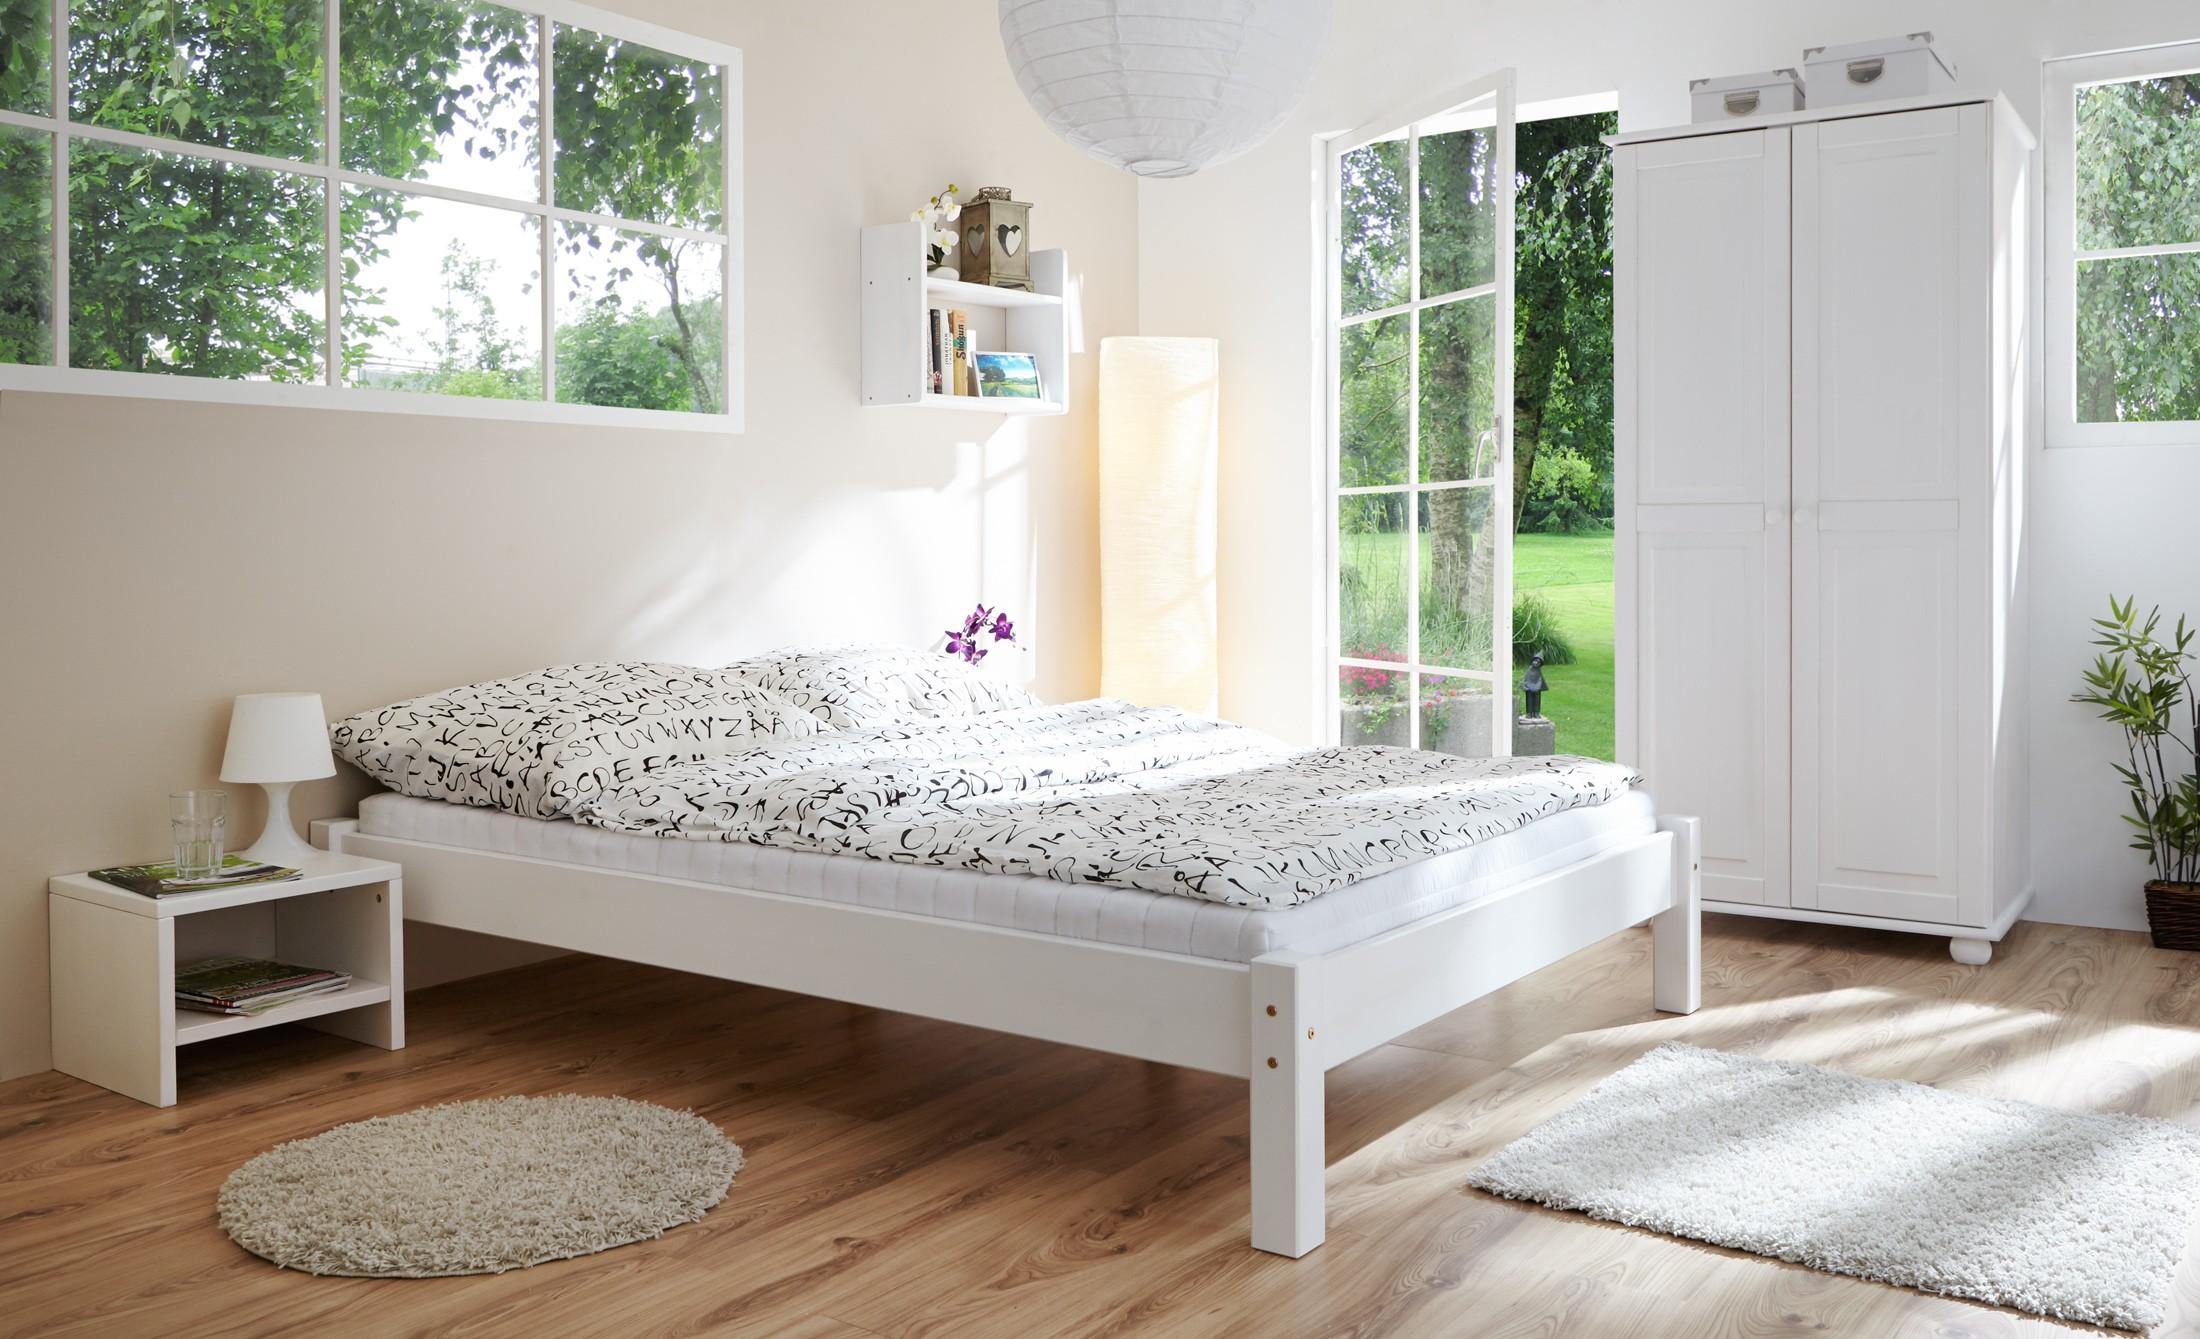 jugendzimmer kiefer weiss h c m bel. Black Bedroom Furniture Sets. Home Design Ideas